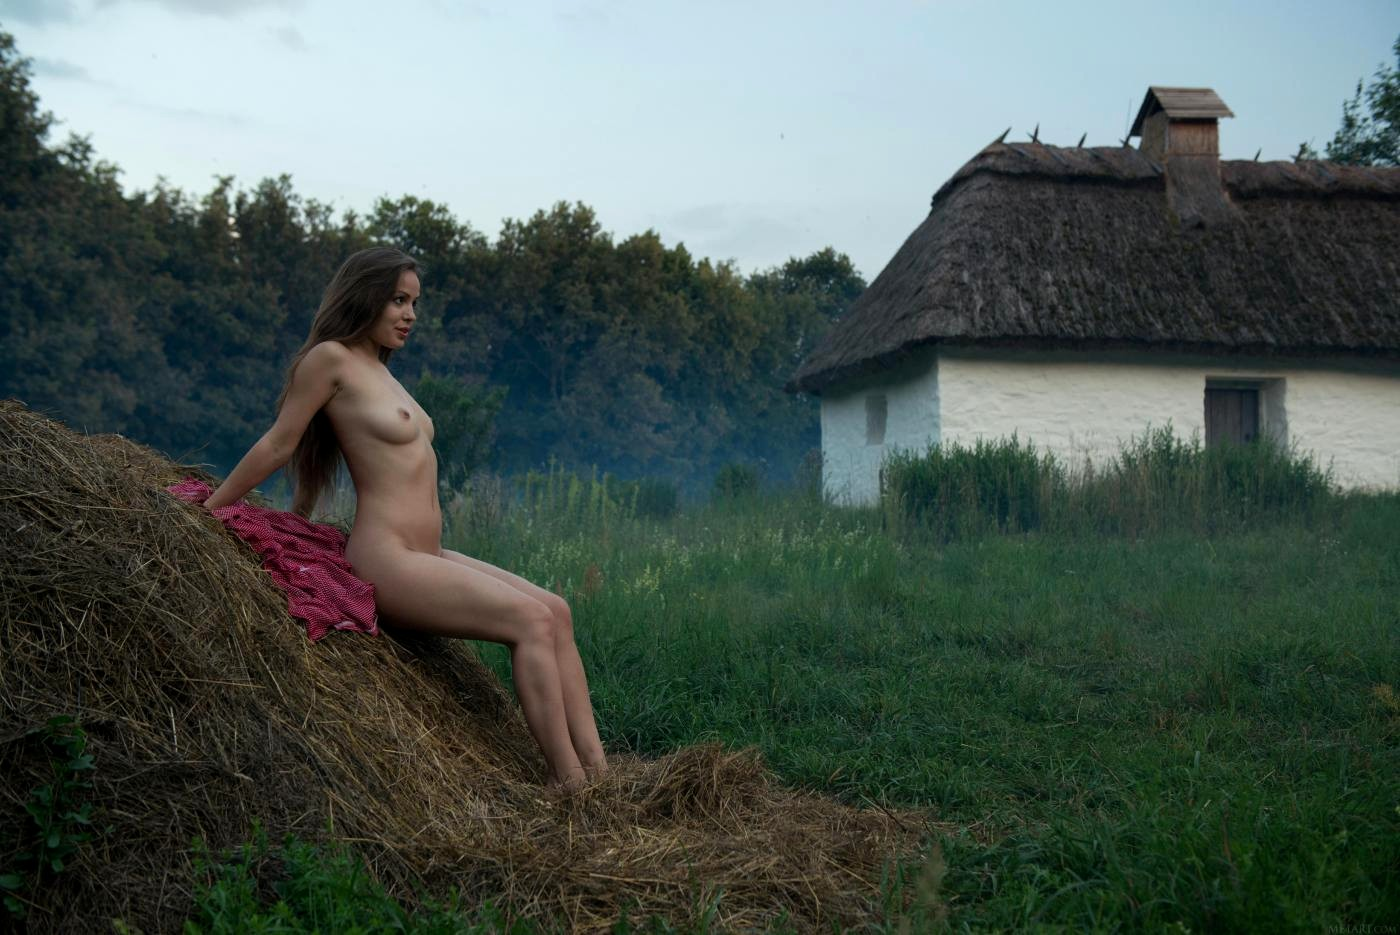 секса русская эротика в деревне смотреть срывает